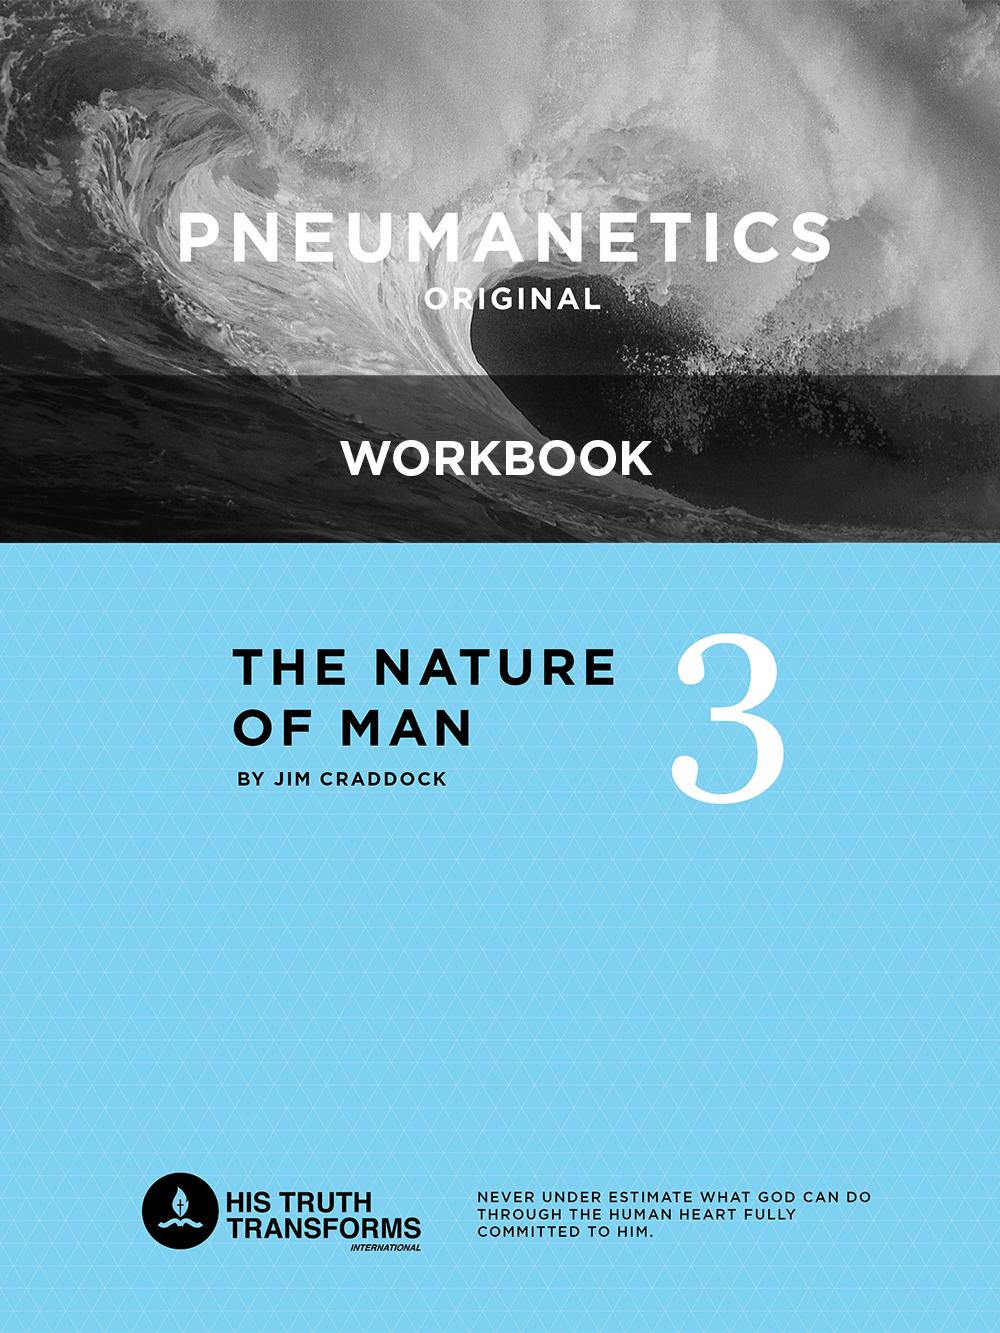 pneumanetics-3-workbook.jpg